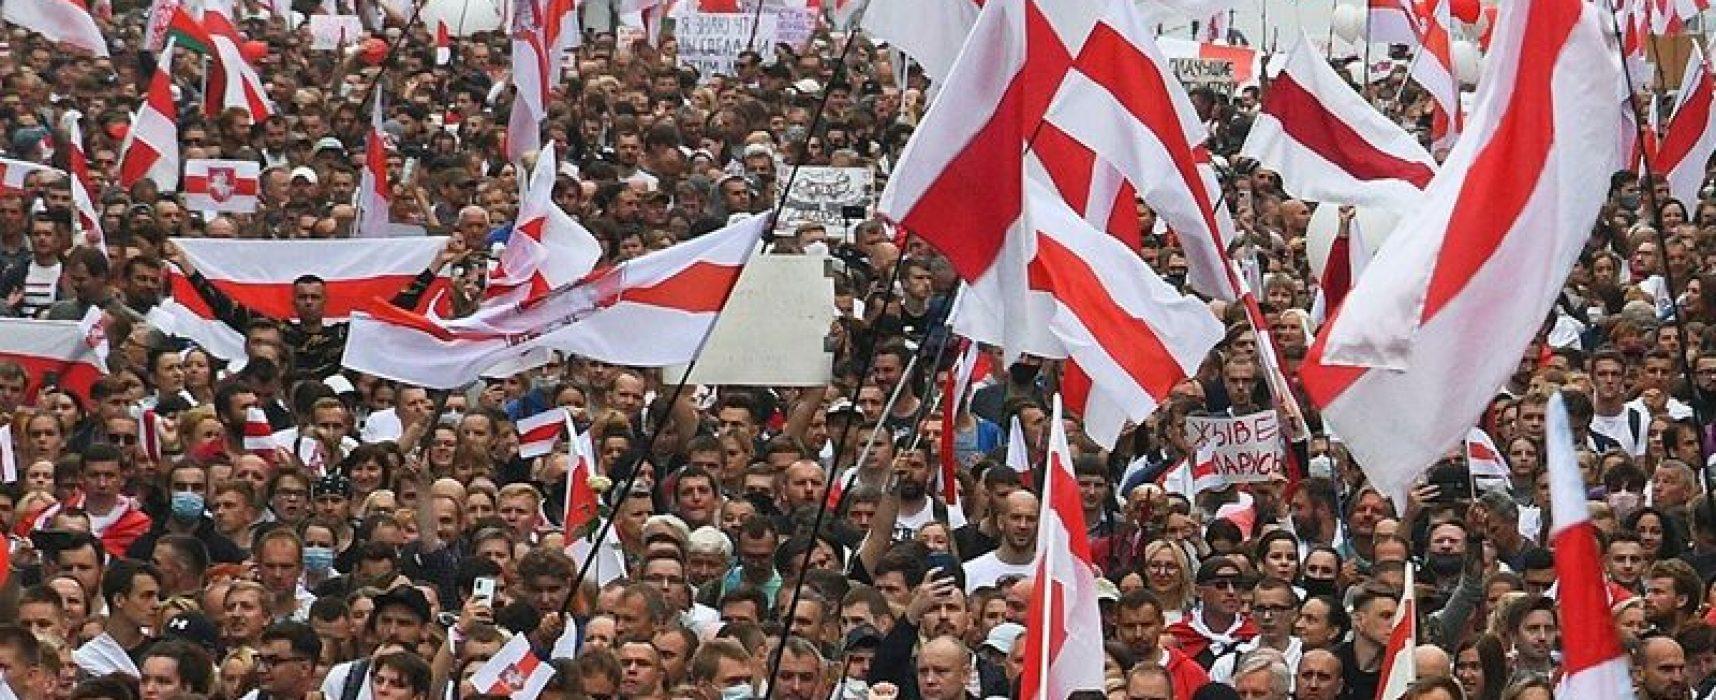 Провал забастовок, оболганные омоновцы и русофобия Алексиевич: фейки «Времени» и «Вестей» о Беларуси